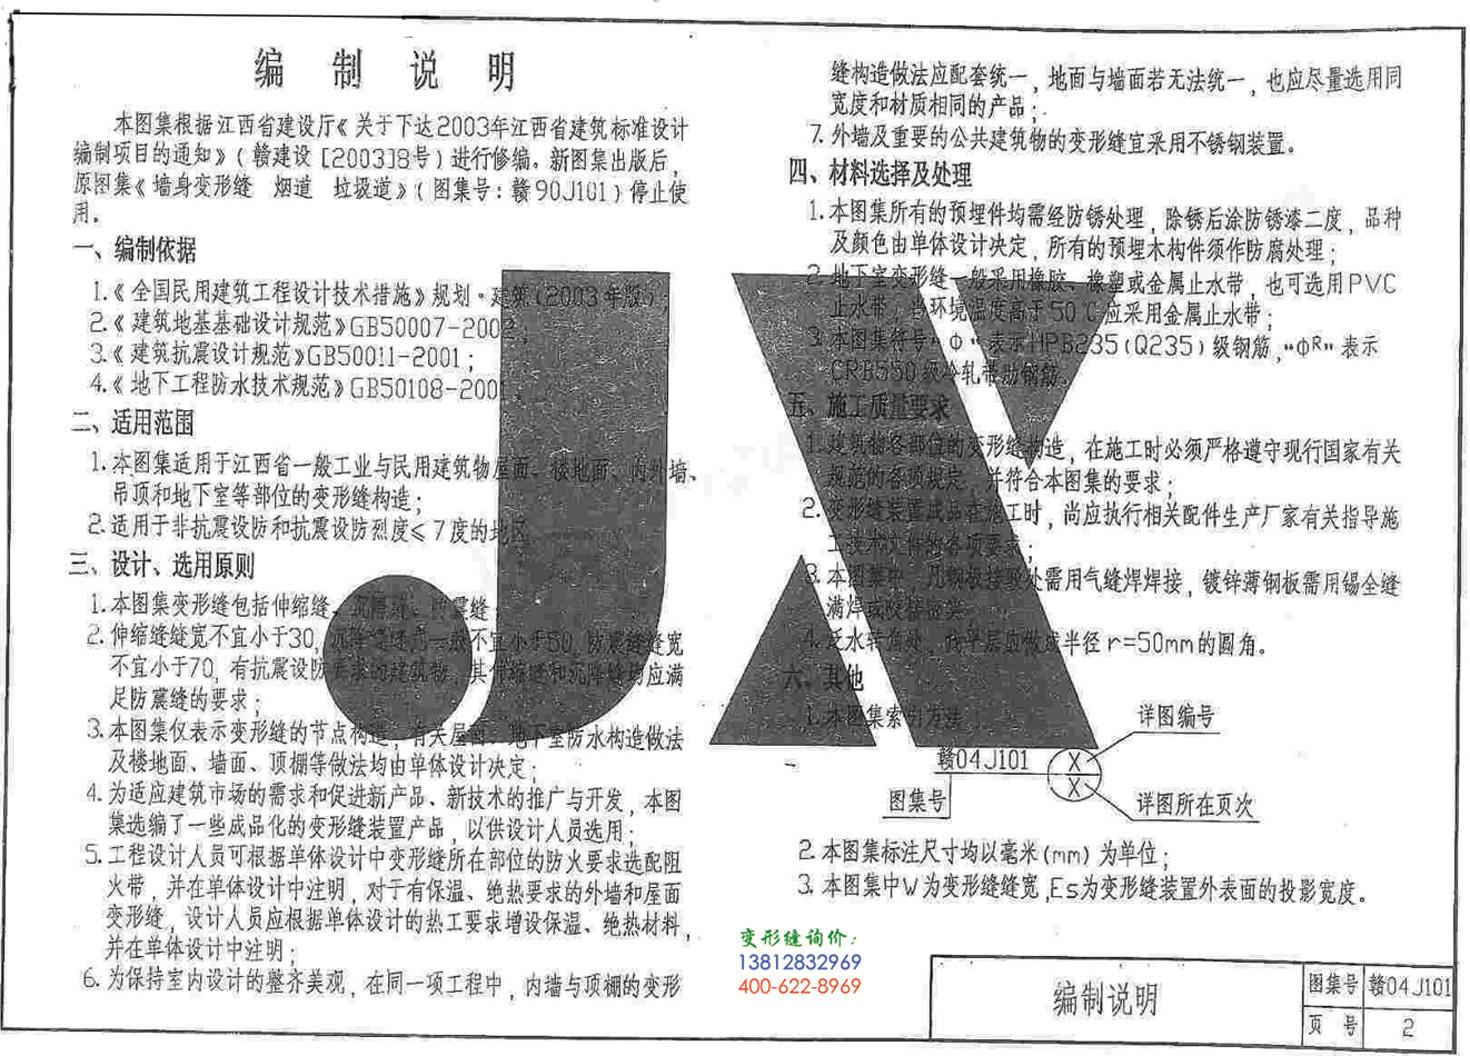 赣04J101变形缝图集2页